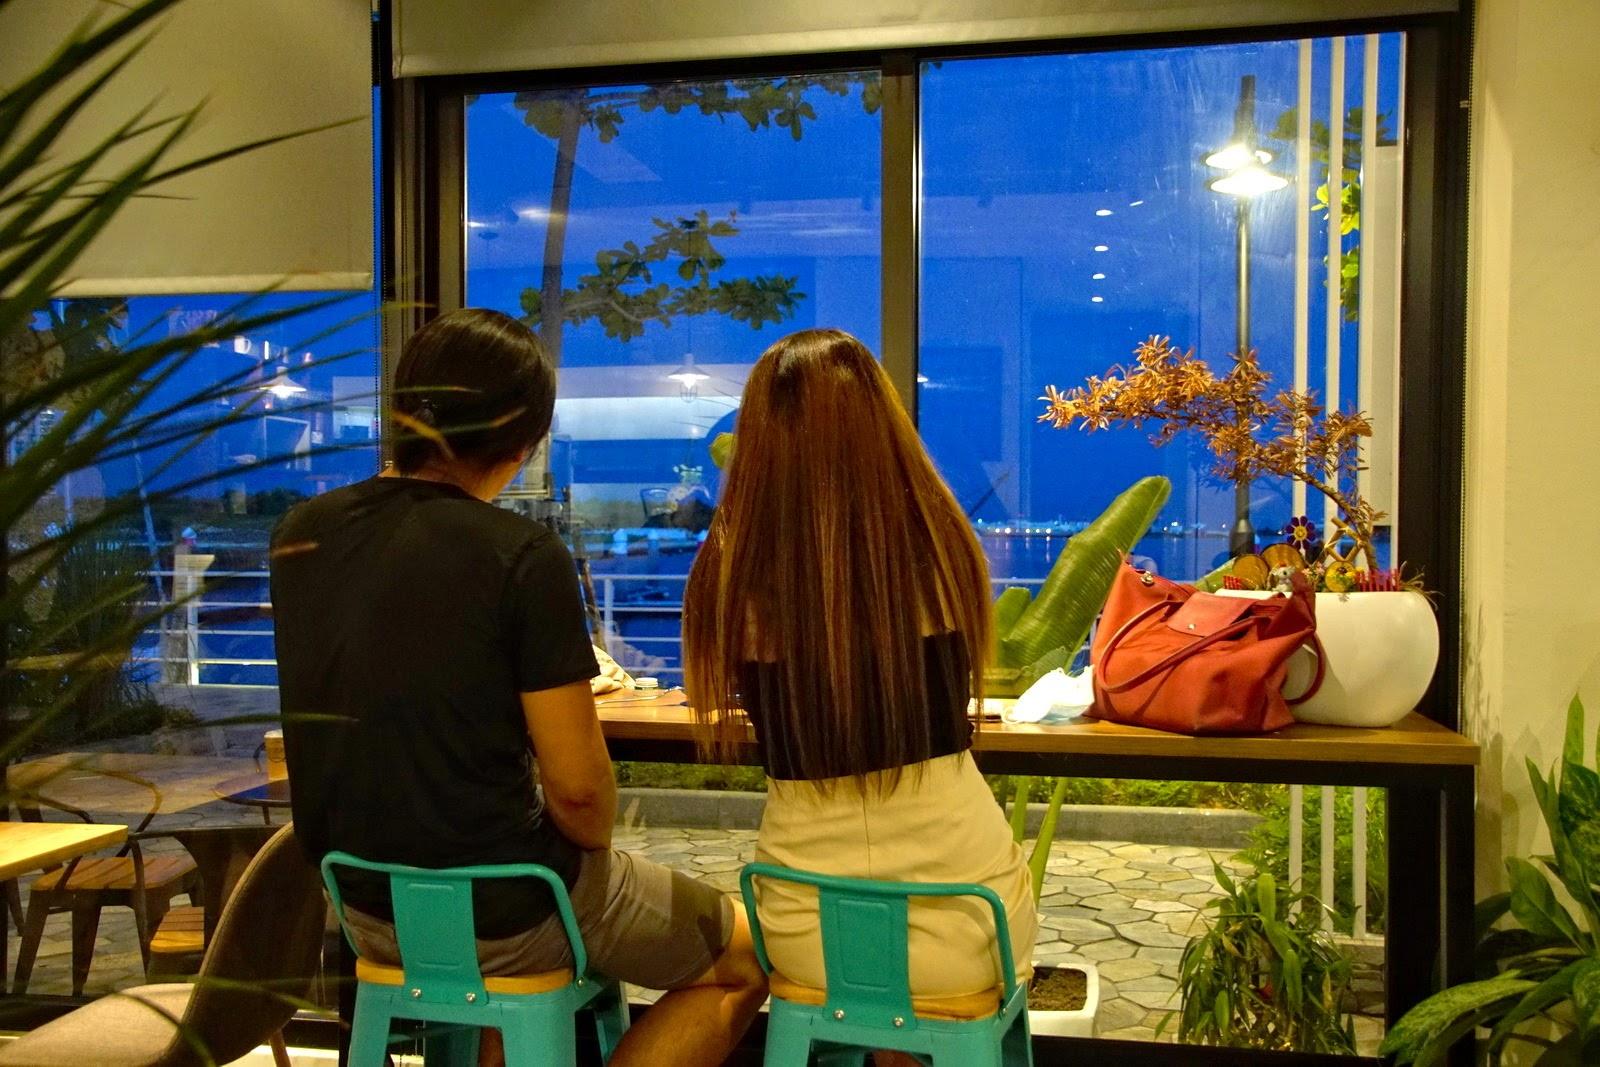 [台南][安平區] 吹吹風精品咖啡館|亞果安平店|食記